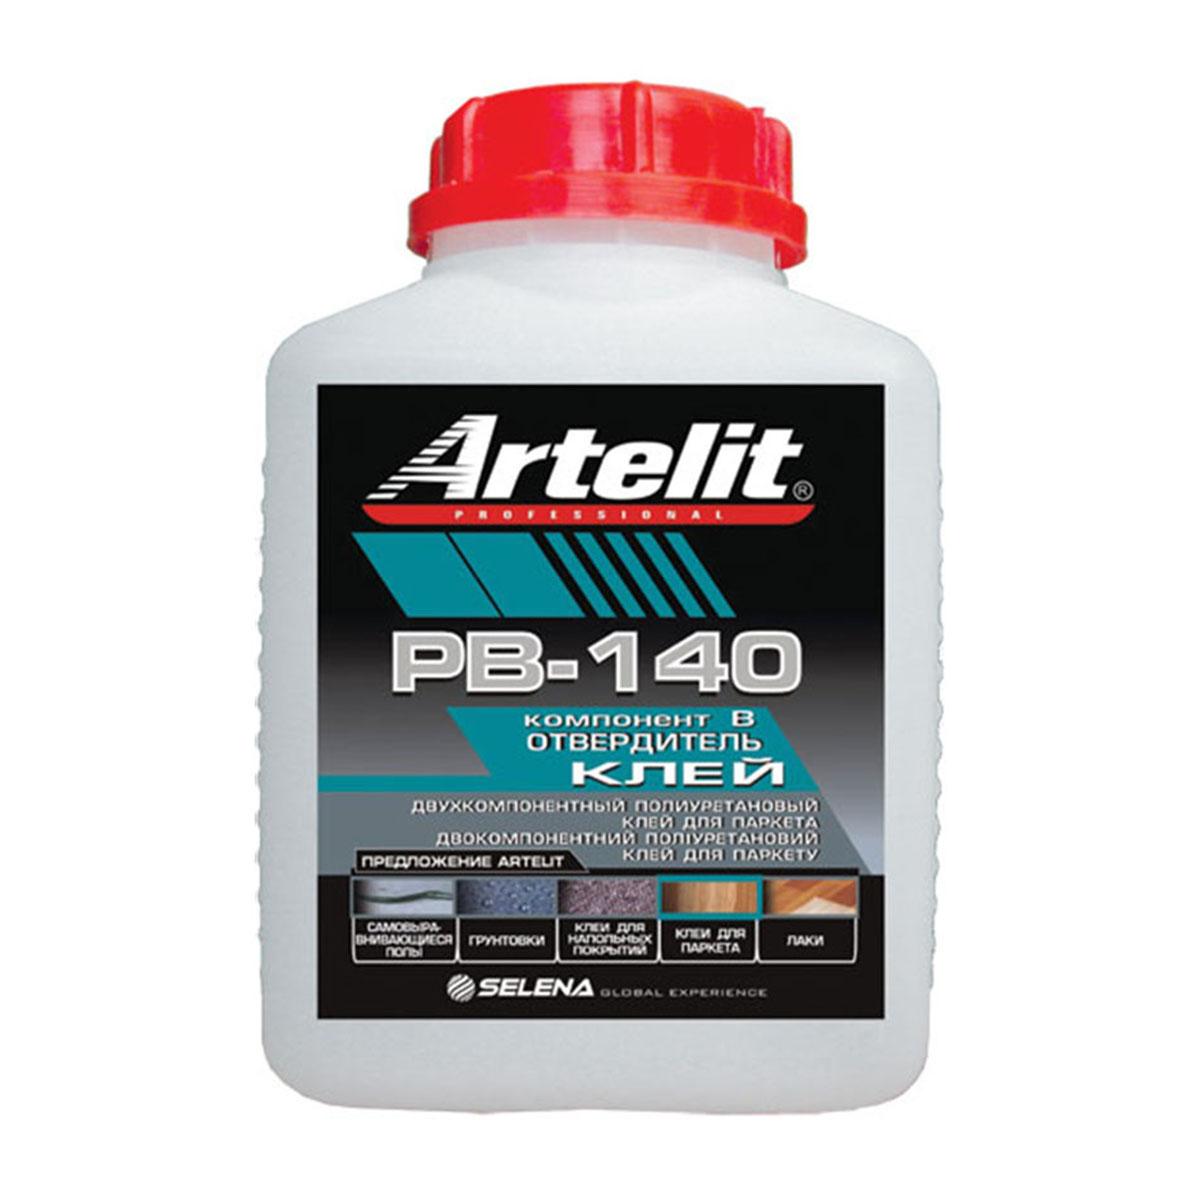 Клей Artelit Professional PB-140 Двухкомпонентный полиуретановый для паркета 6 кг